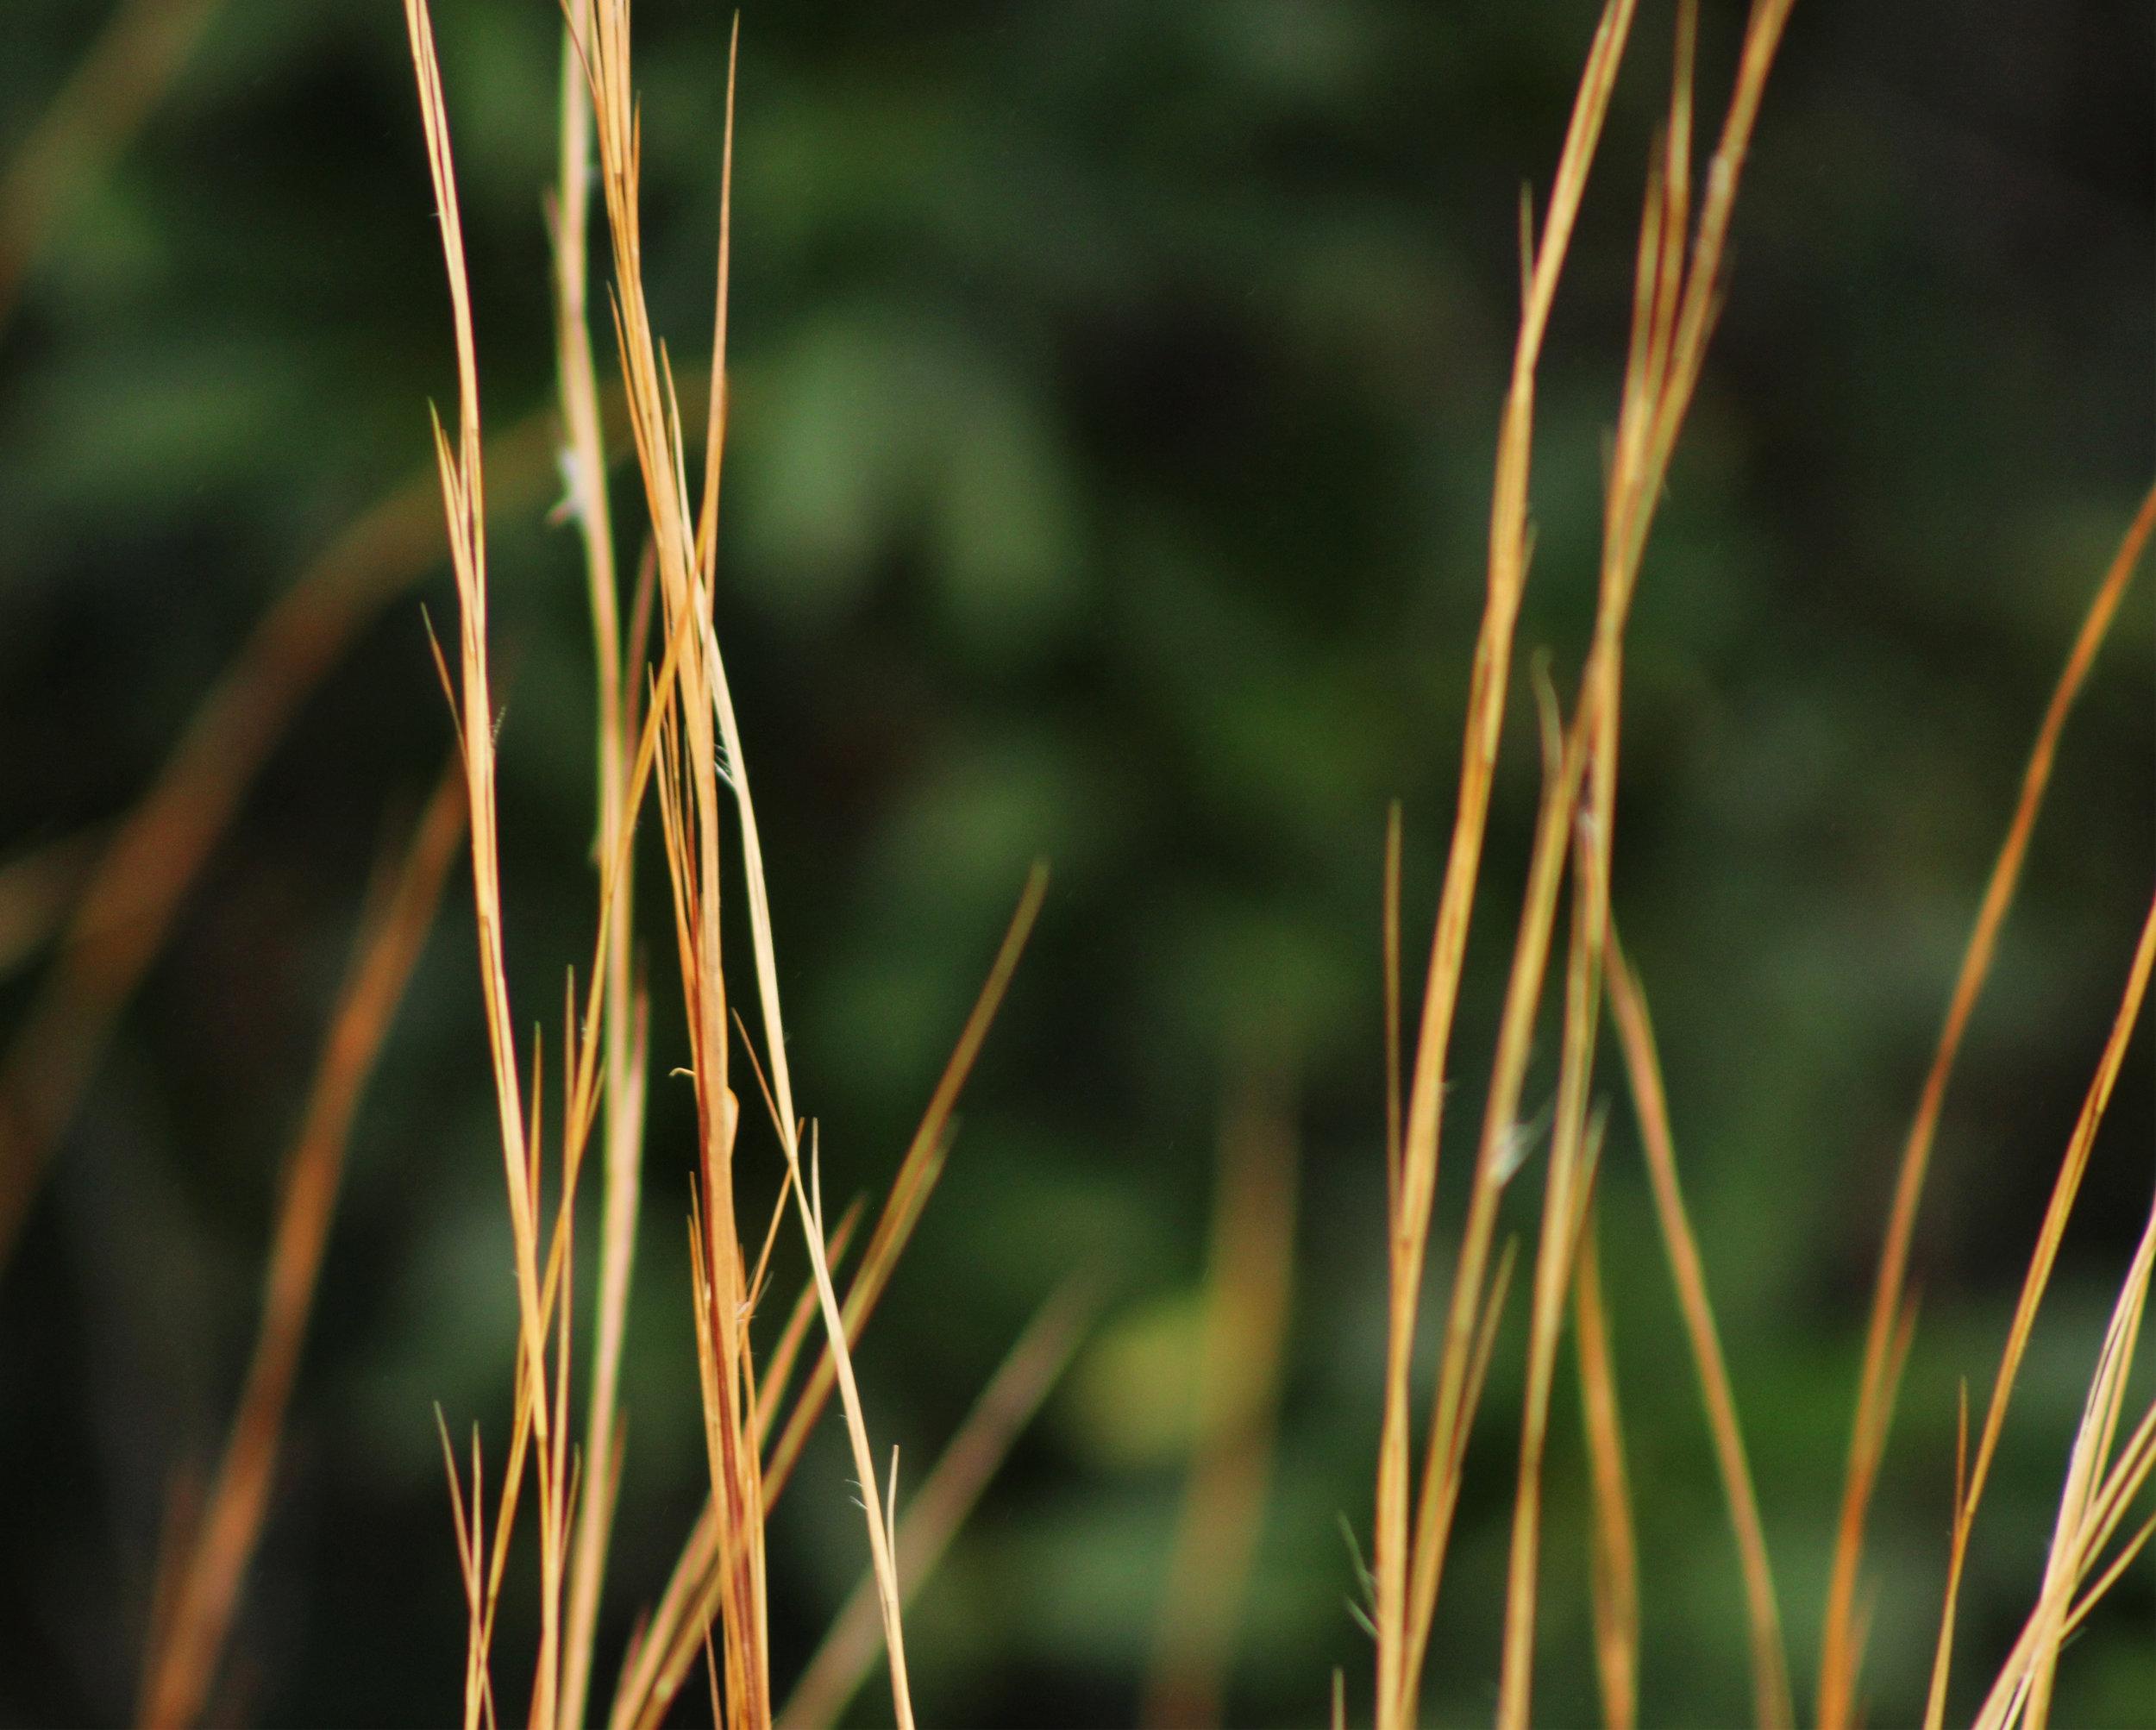 Weedstalks8x10.jpg